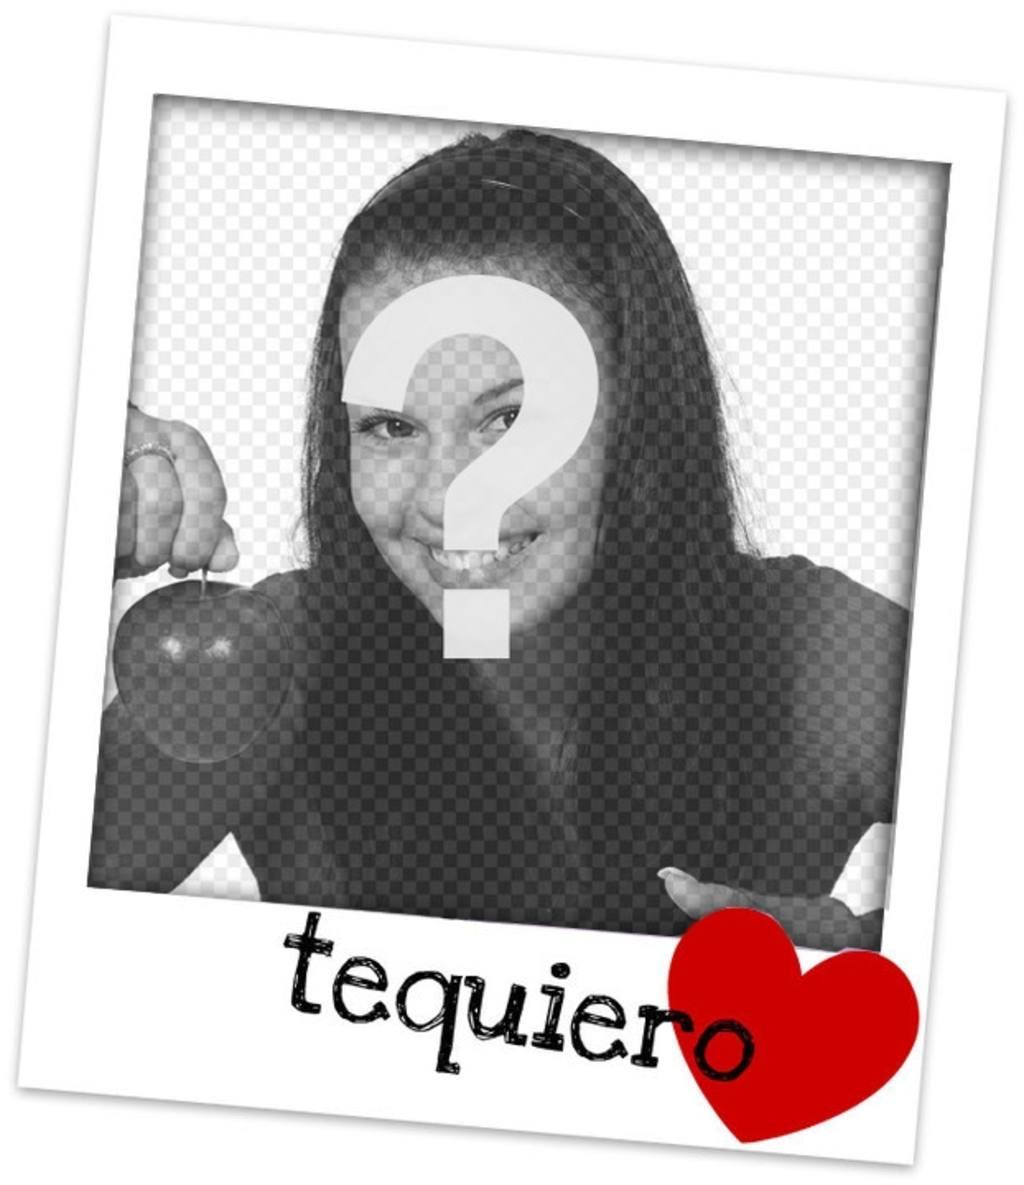 Marco con dobles bordes. Montaje fotográfico en el que acompañan a tu fotografía un te quiero y un corazón color rojo, sobre un fondo blanco